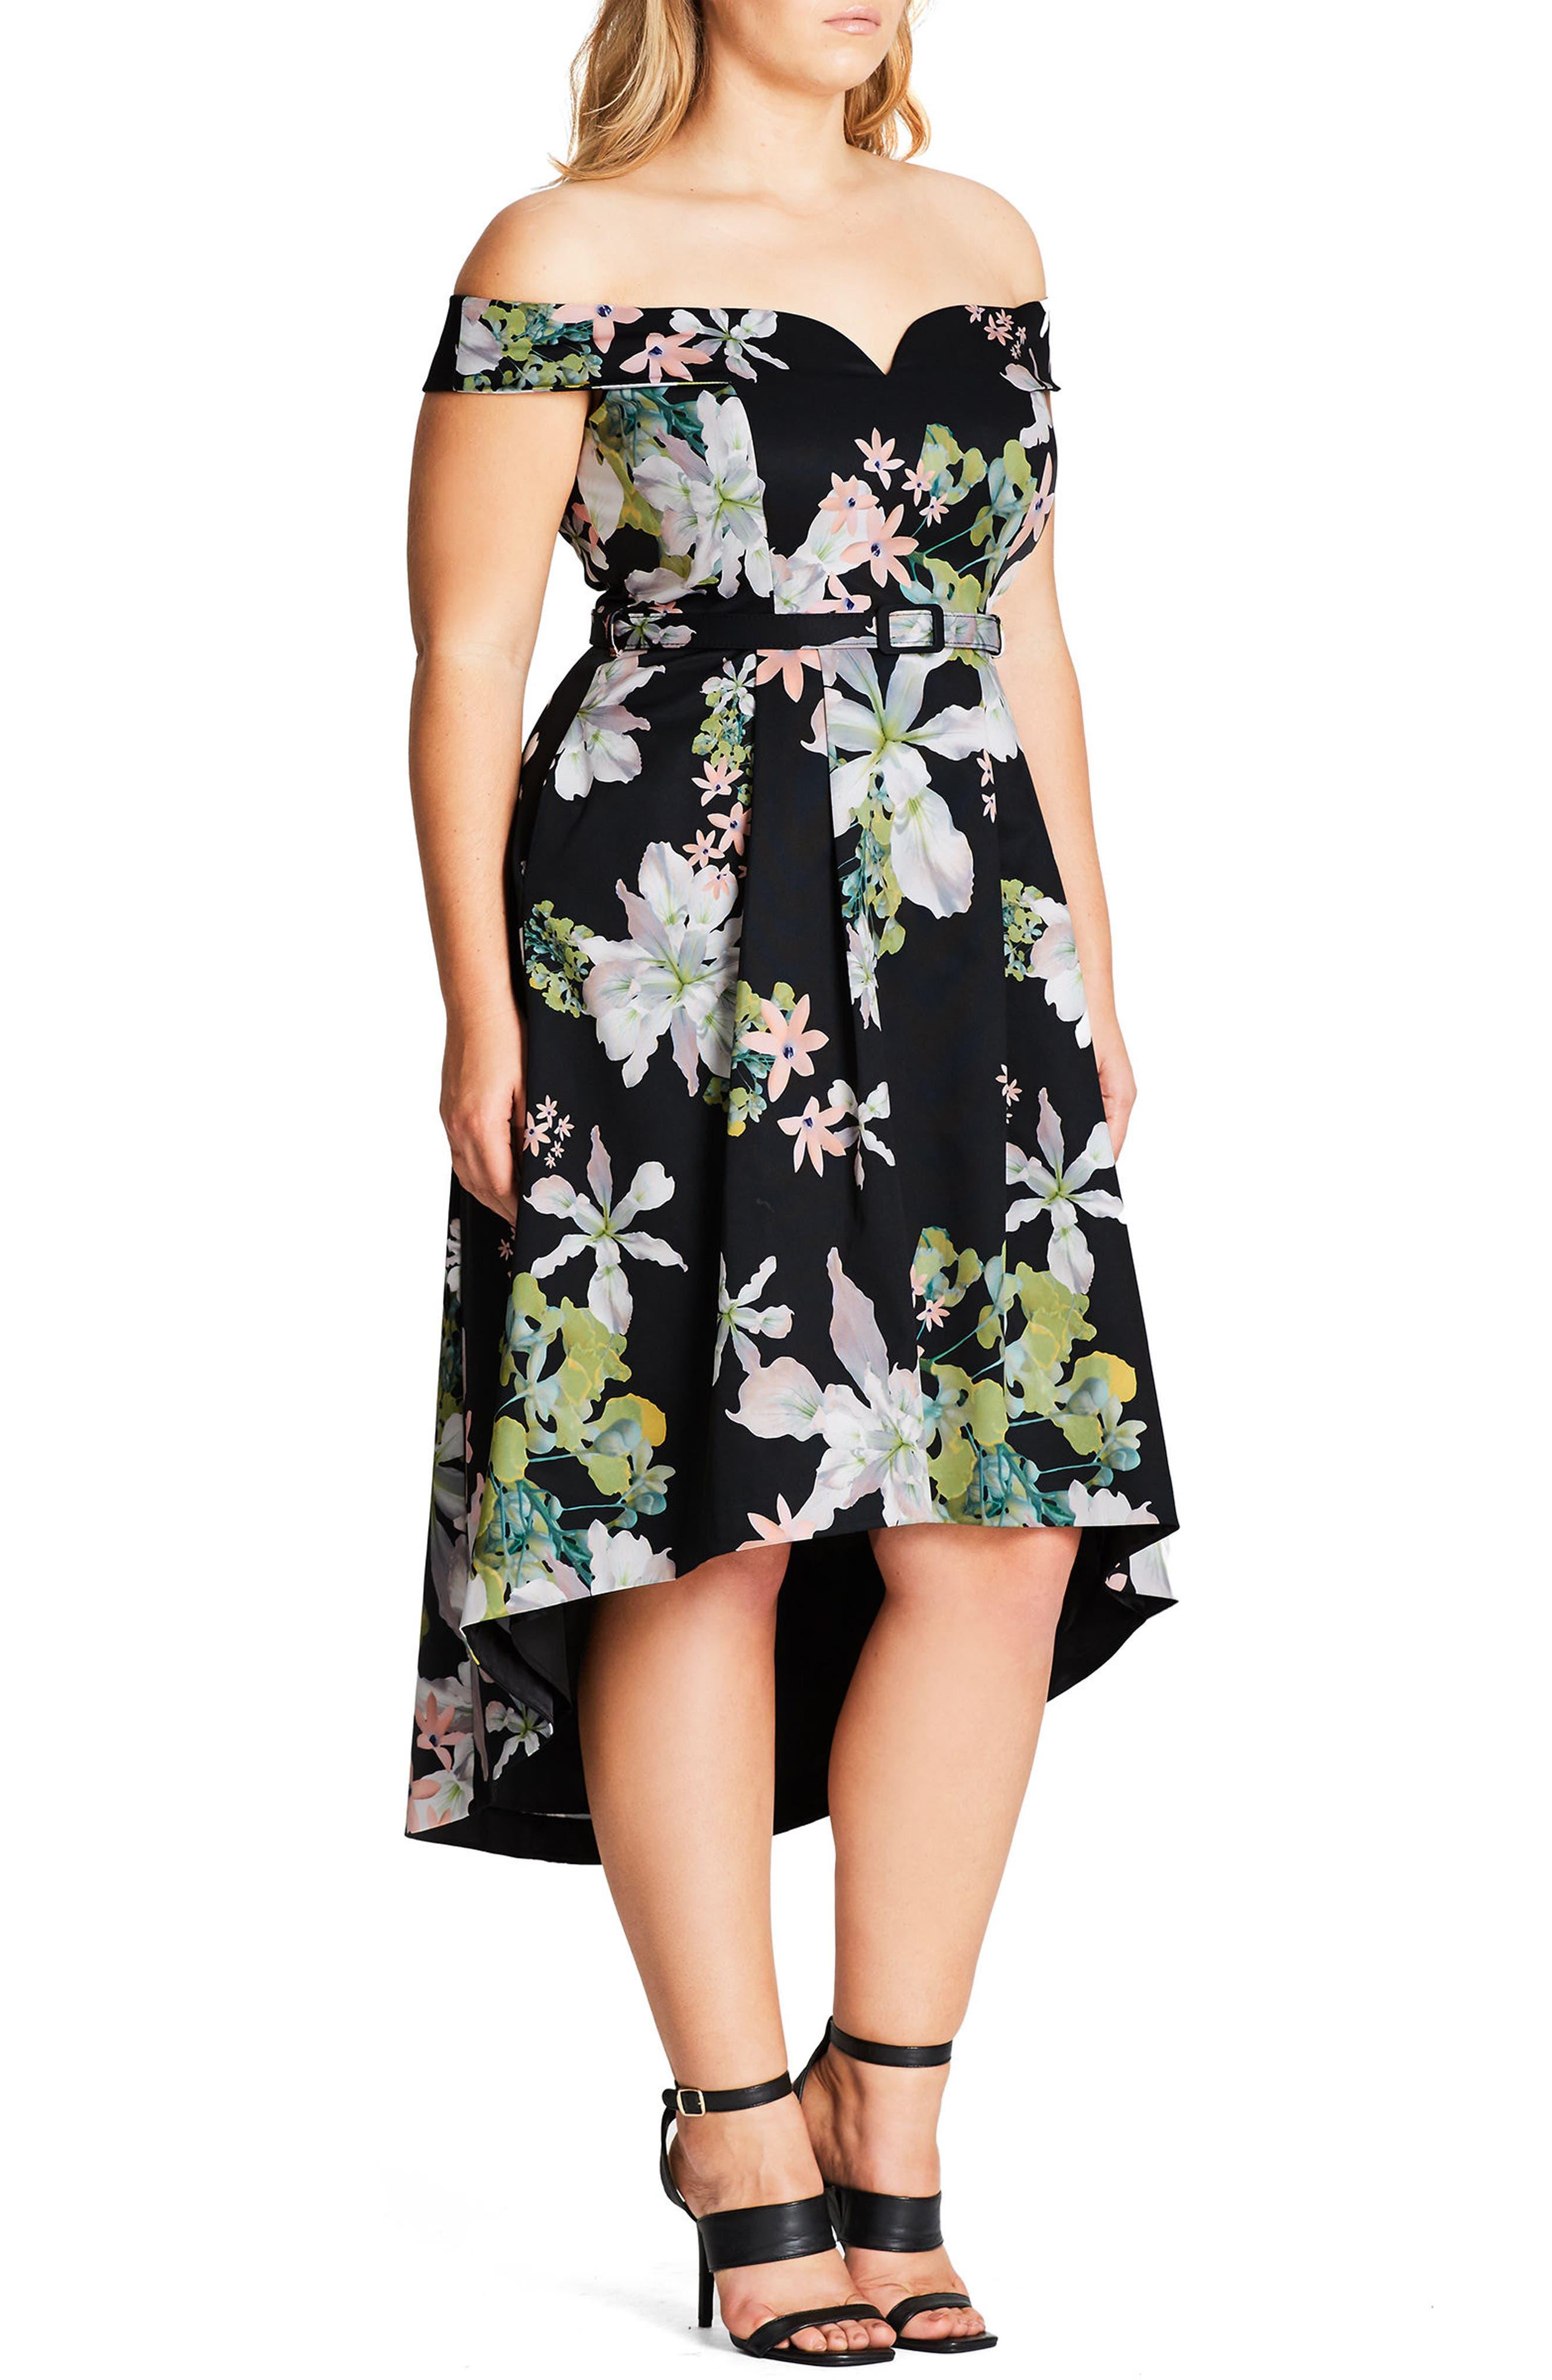 Spring Belted Off the Shoulder Dress,                             Alternate thumbnail 3, color,                             001